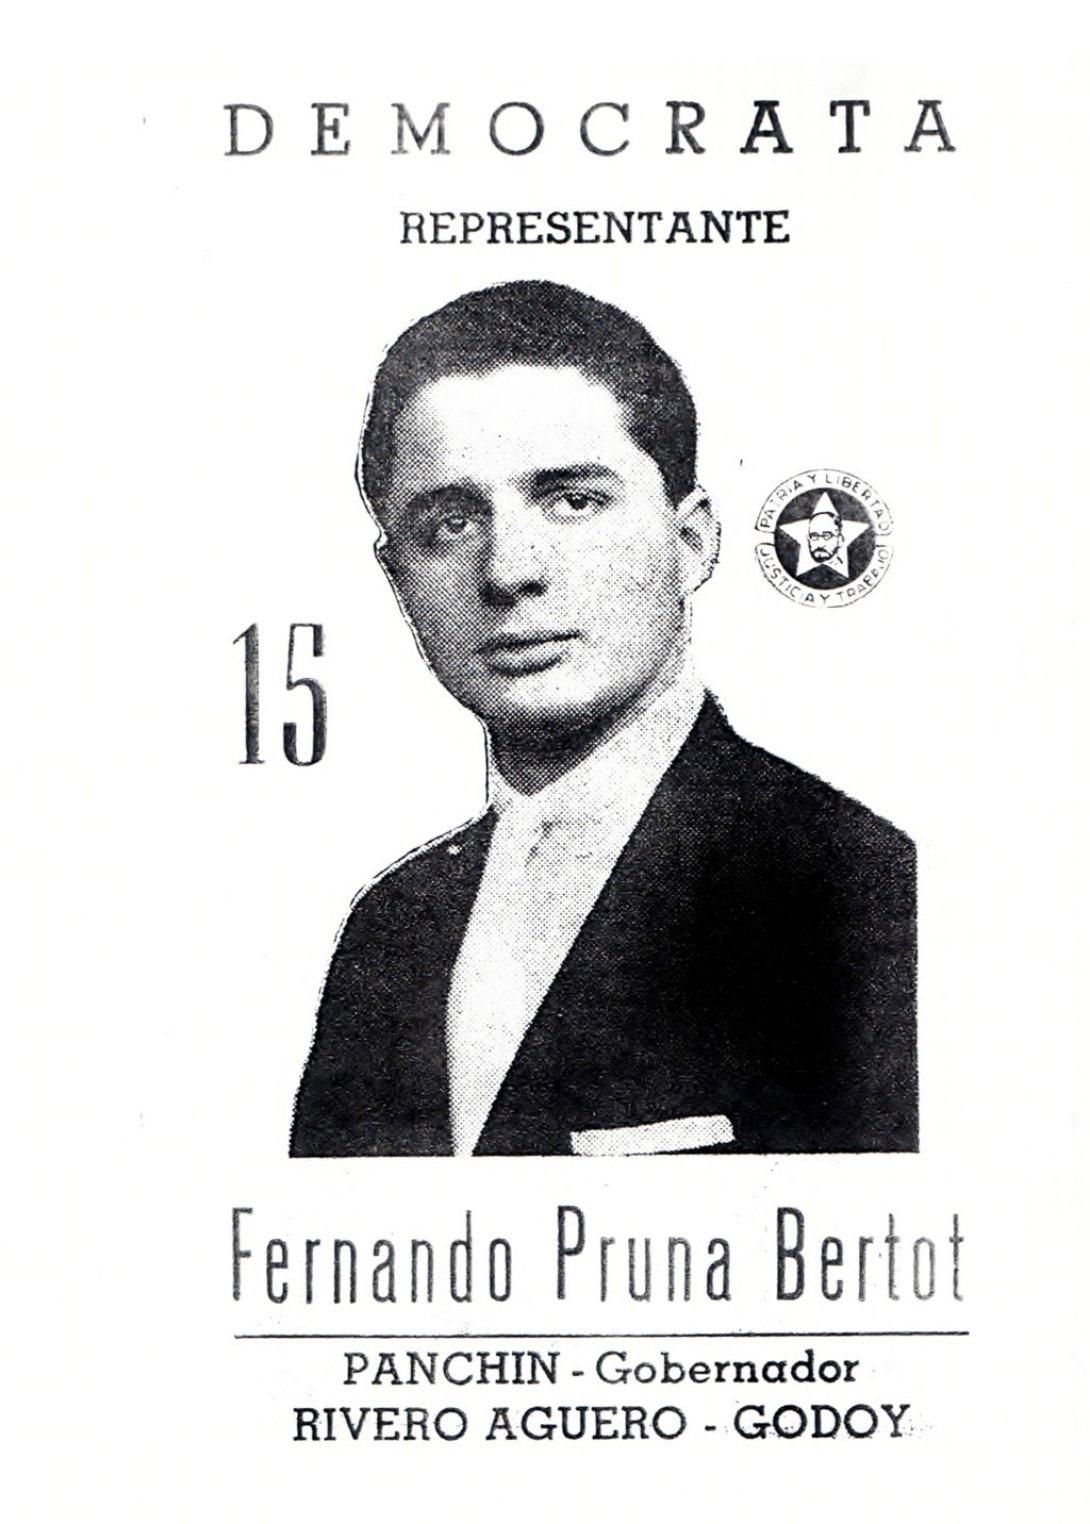 Fernando Pruna, candidato a las elecciones legislativas de 1958, por el Partido Demócrata.